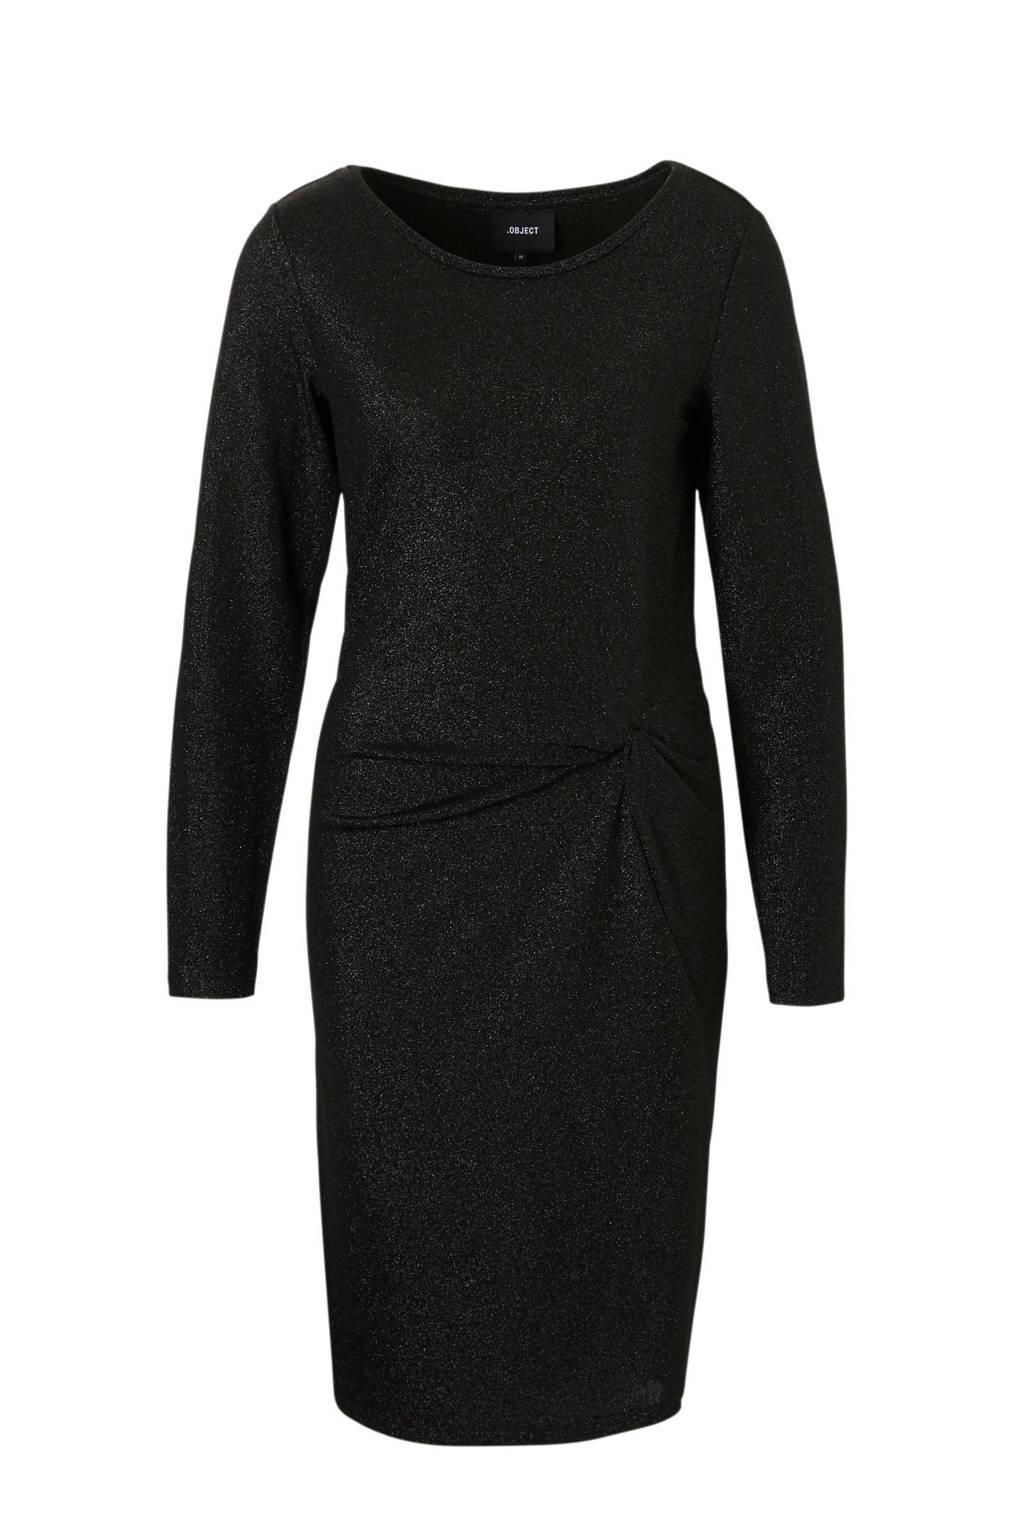 OBJECT glitter jurk, Zwart